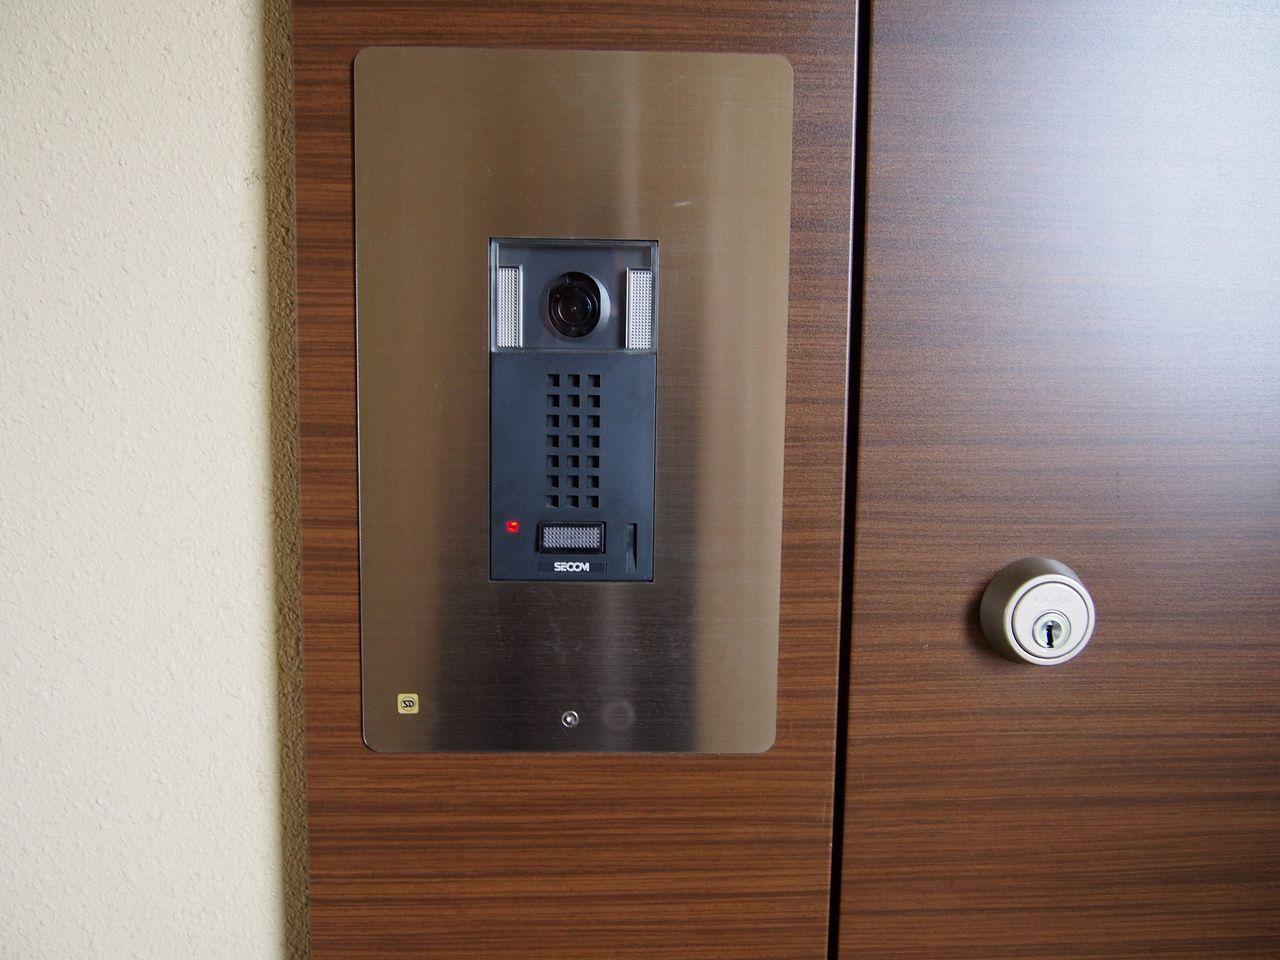 住戸玄関前でも再度映像と音声で、来訪者を確認できるのでより安心です。